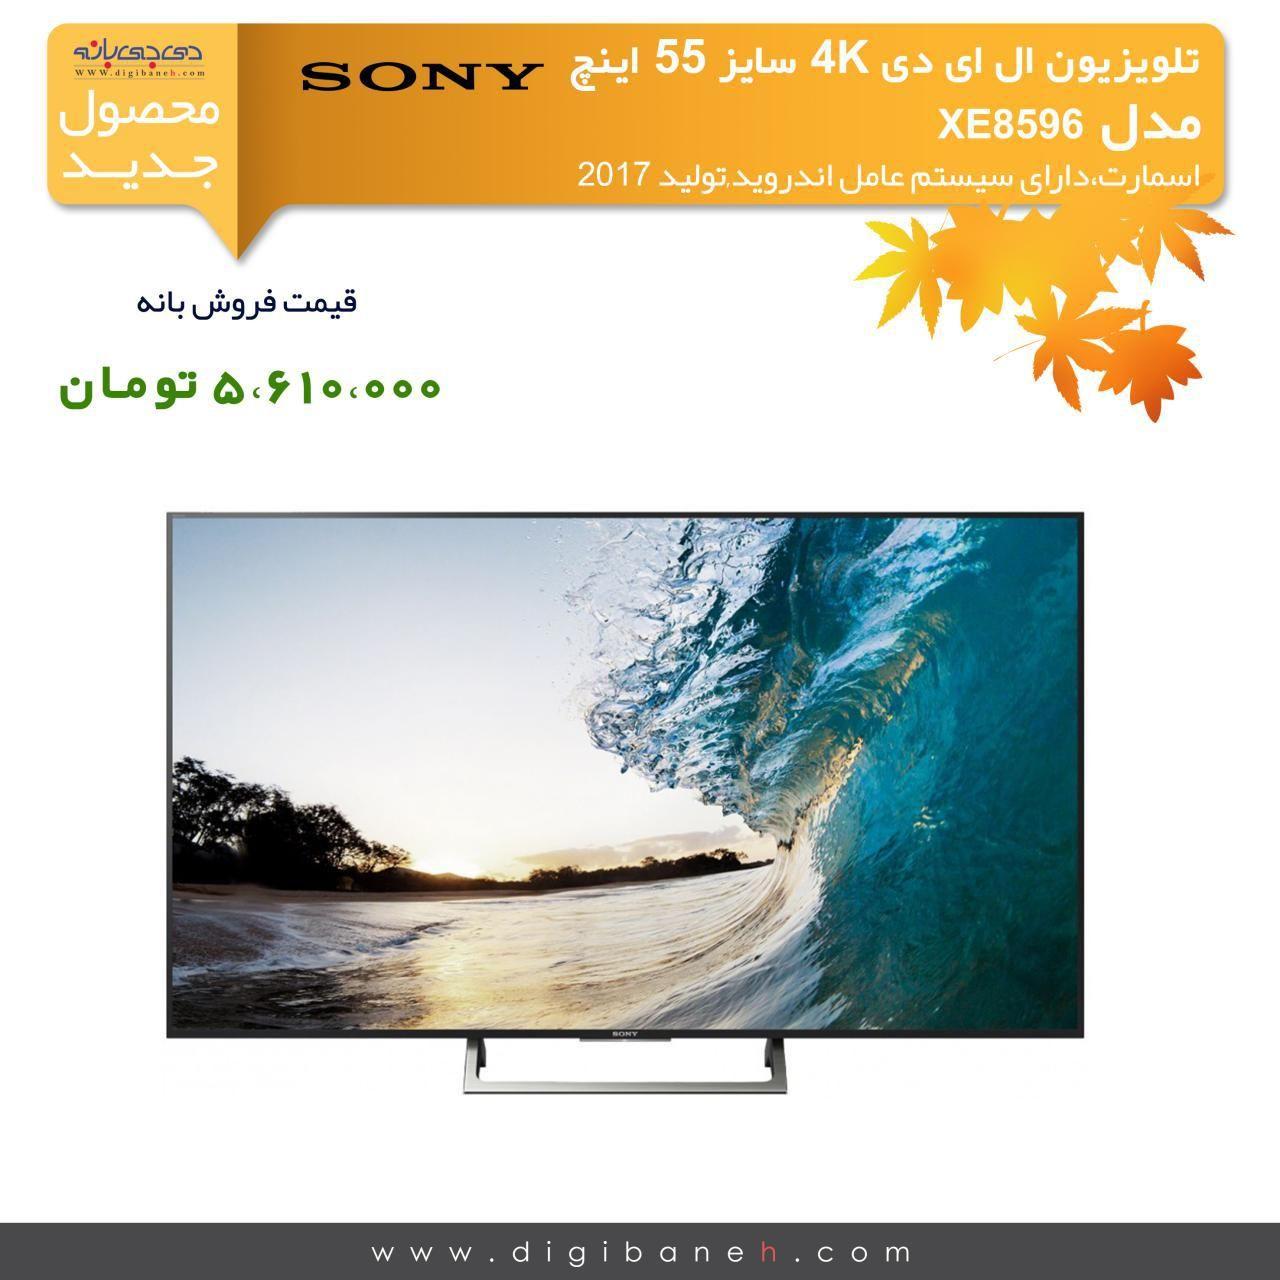 قیمت و خرید تلویزیون سونی Xe8596 سونی 55xe8596